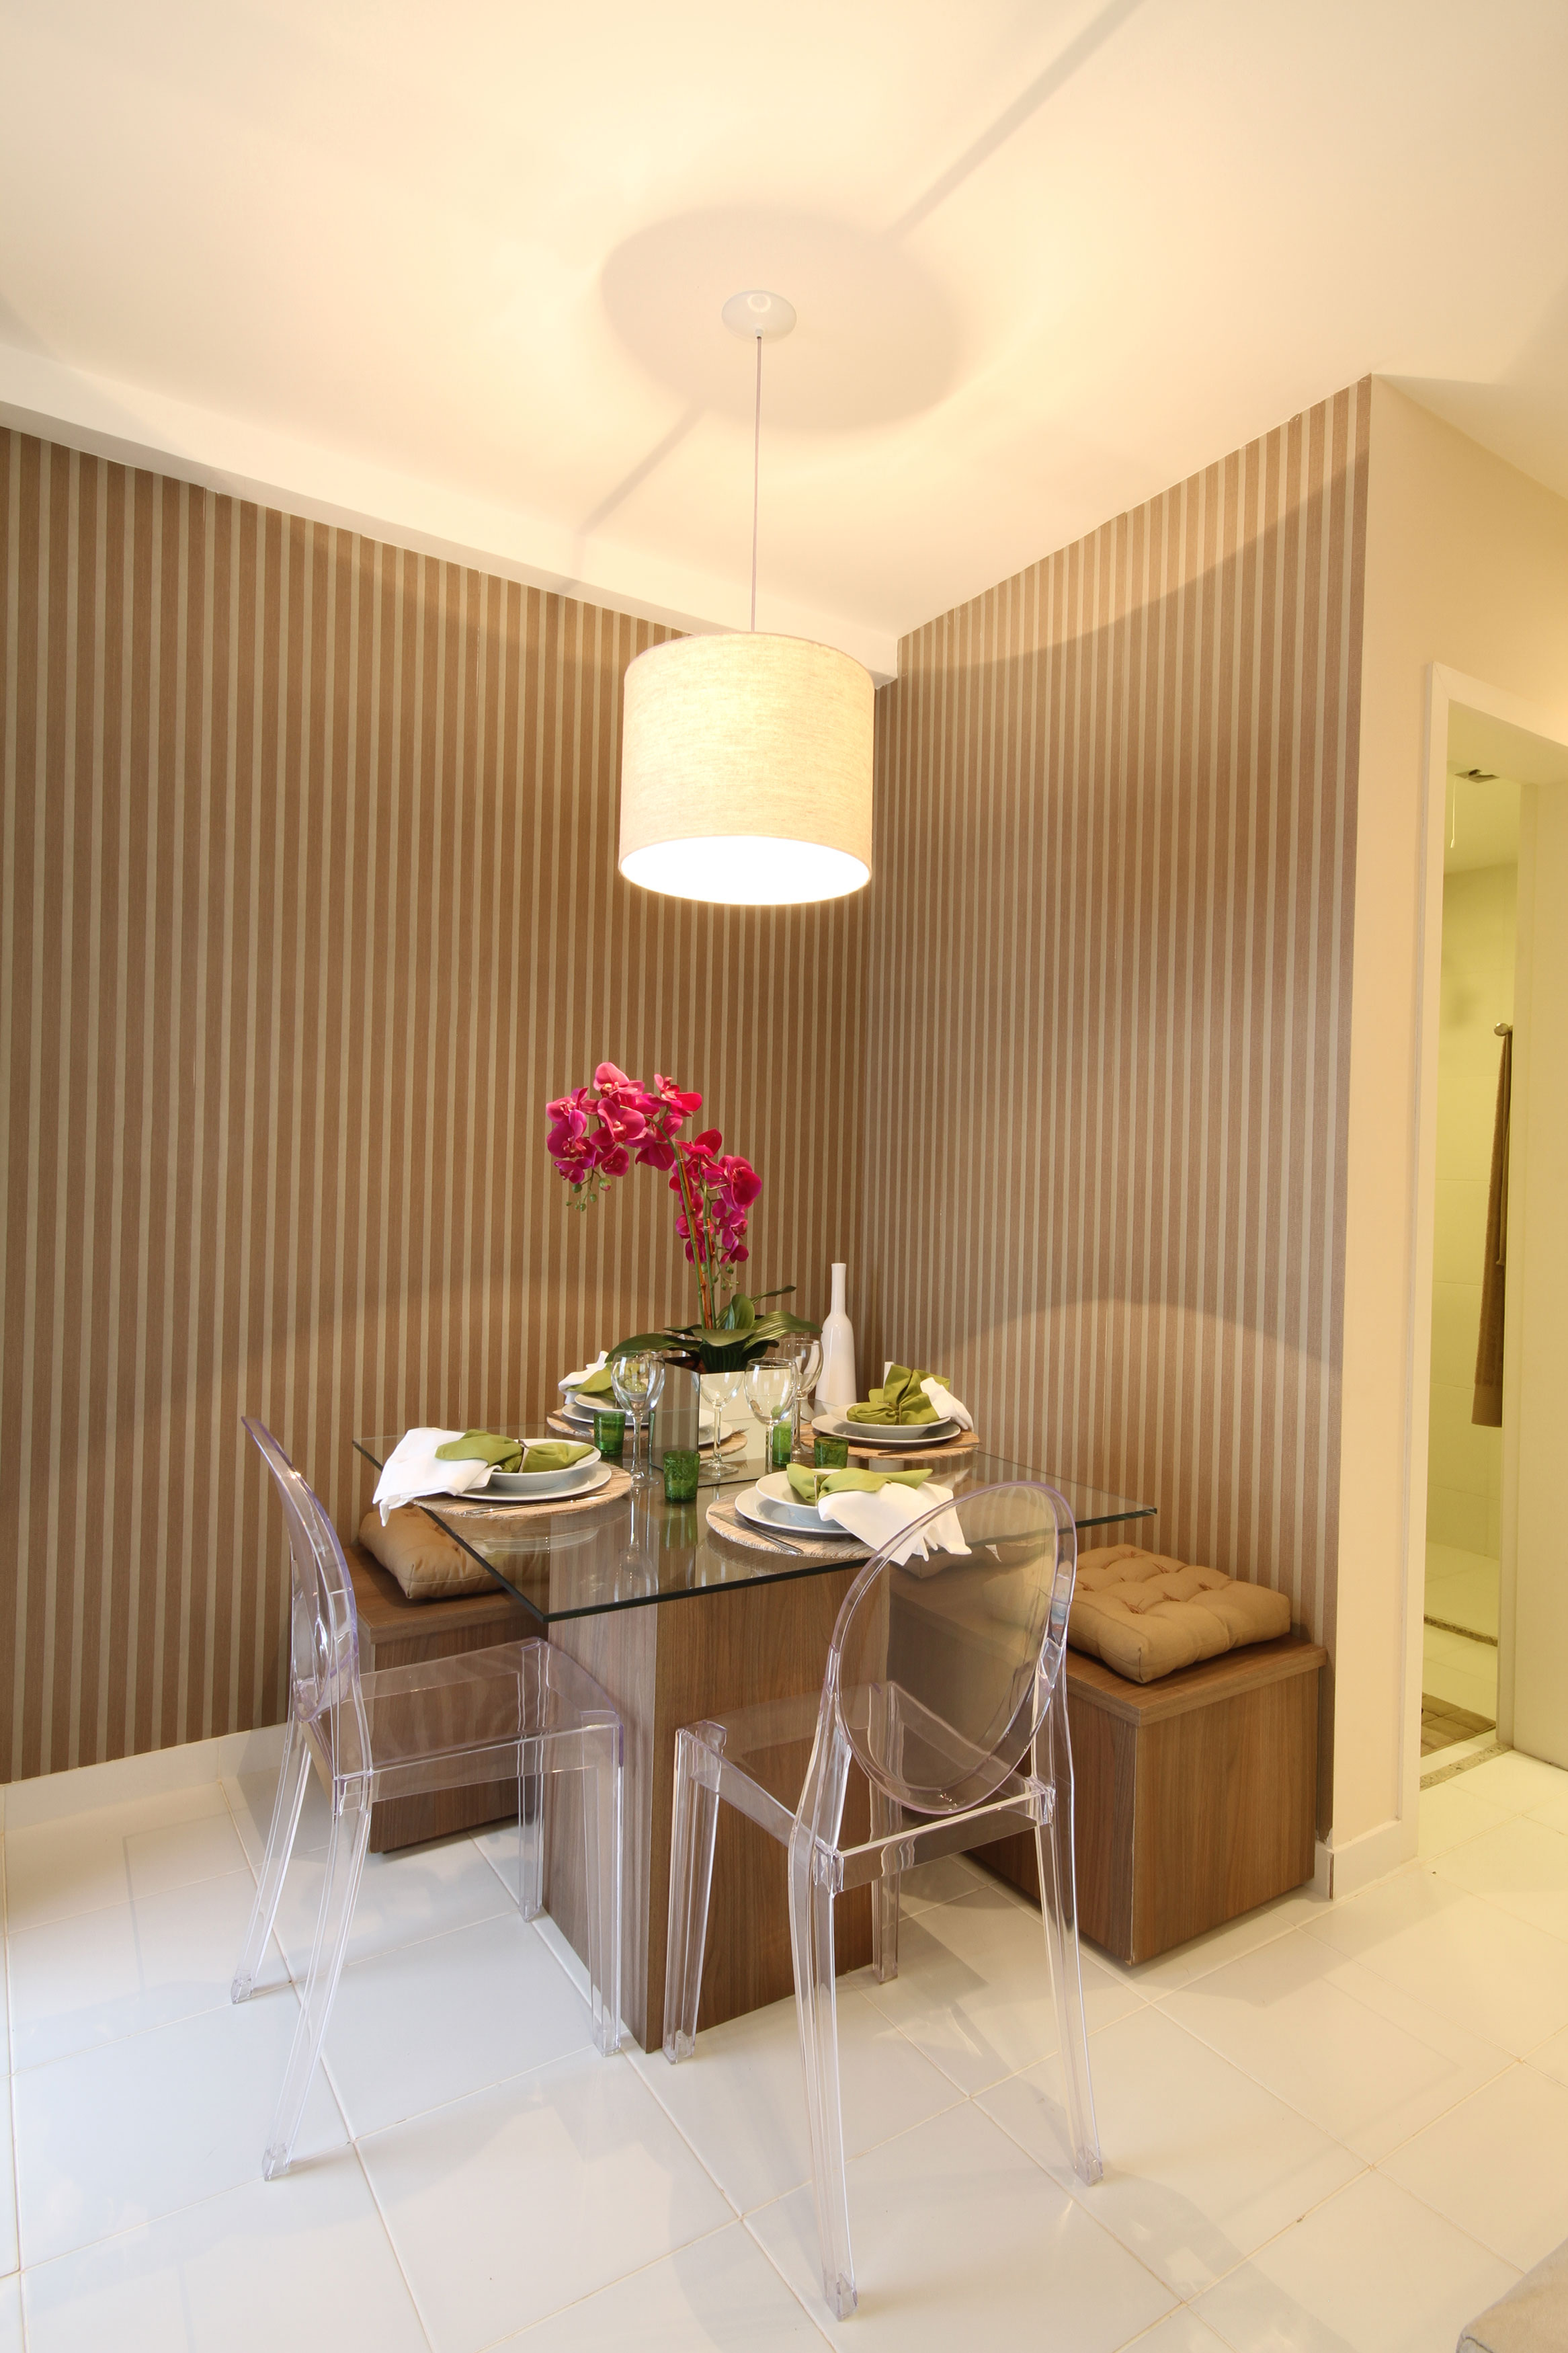 44,4 m² Sala de Jantar